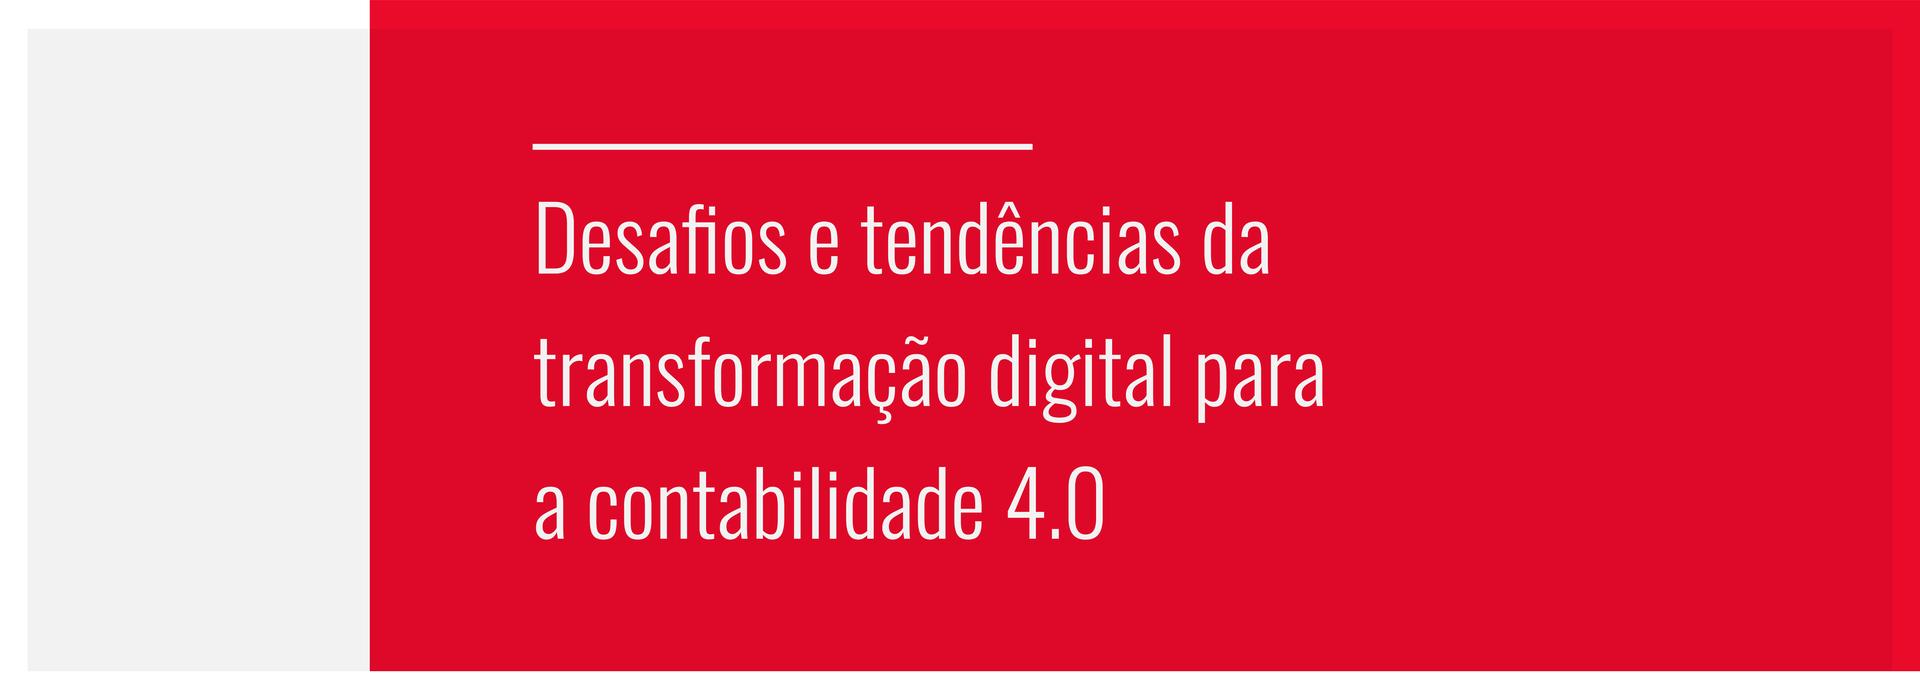 """Na foto está escrito """"desafios e tendências da transformação digital para a contabilidade 4.0"""